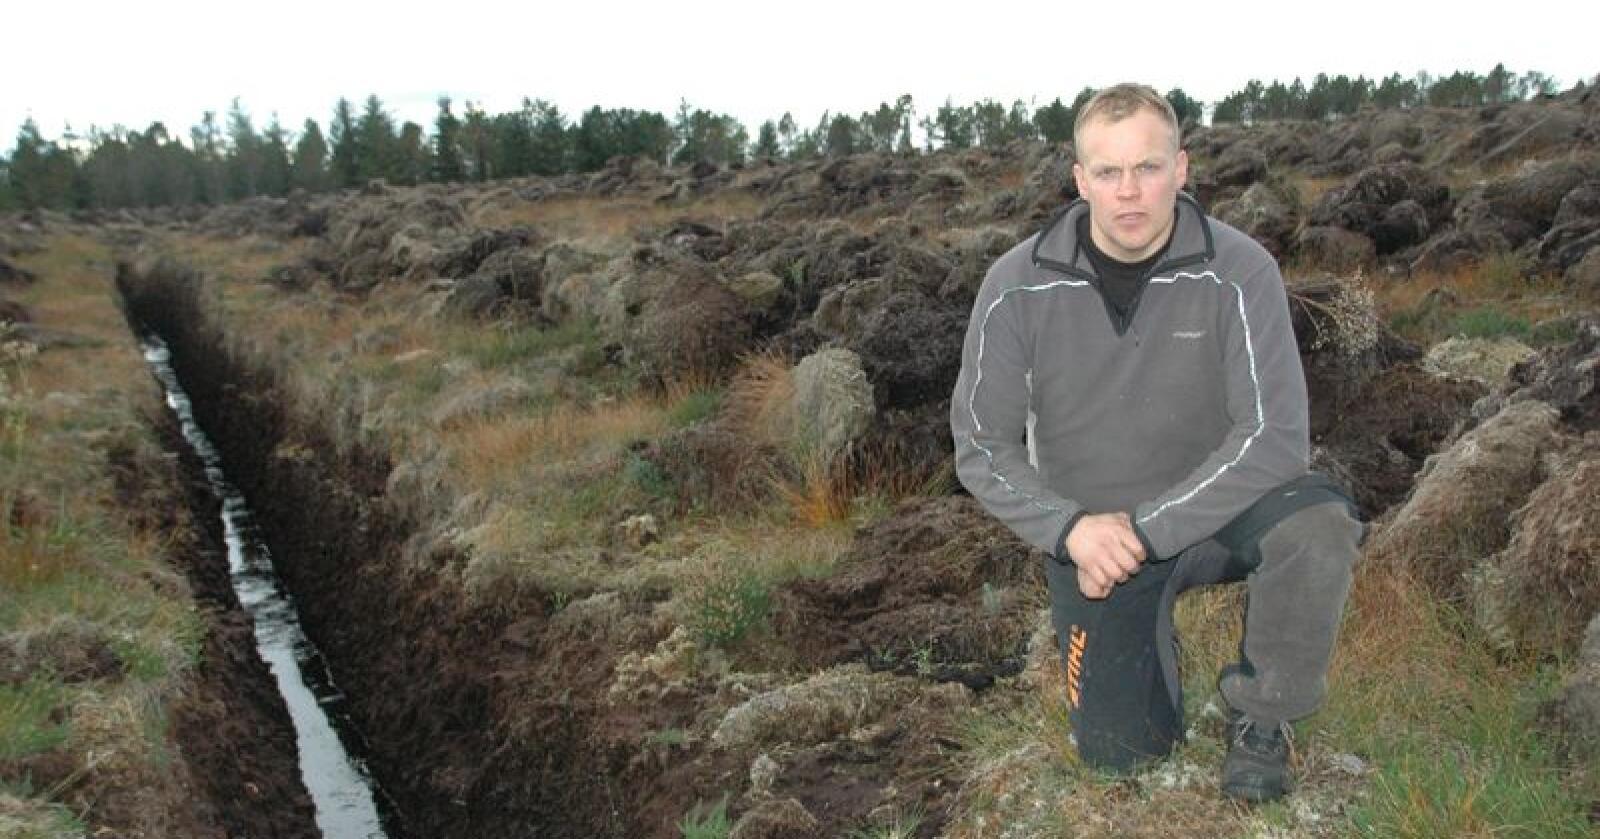 Ole Wegard Gjøstøl Iversen på ei grøfta myr på Smøla i 2017. I år er dette området grønn og frodig andreårs eng, og et viktig tilskudd til gårdens ressursgrunnlag. (Foto: Lars Olav Haug)